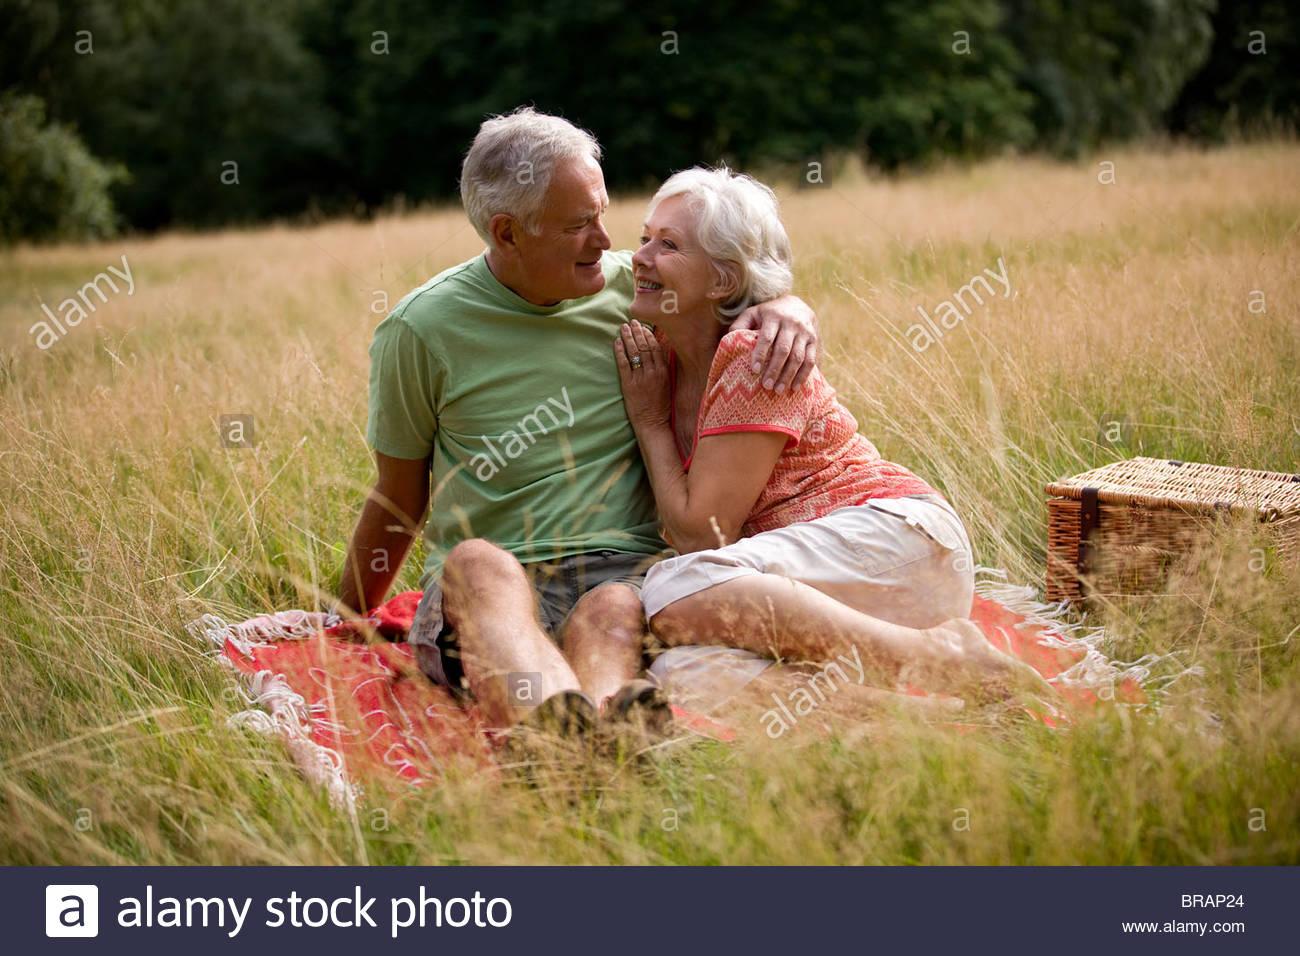 Un couple assis sur une couverture, embracing Photo Stock